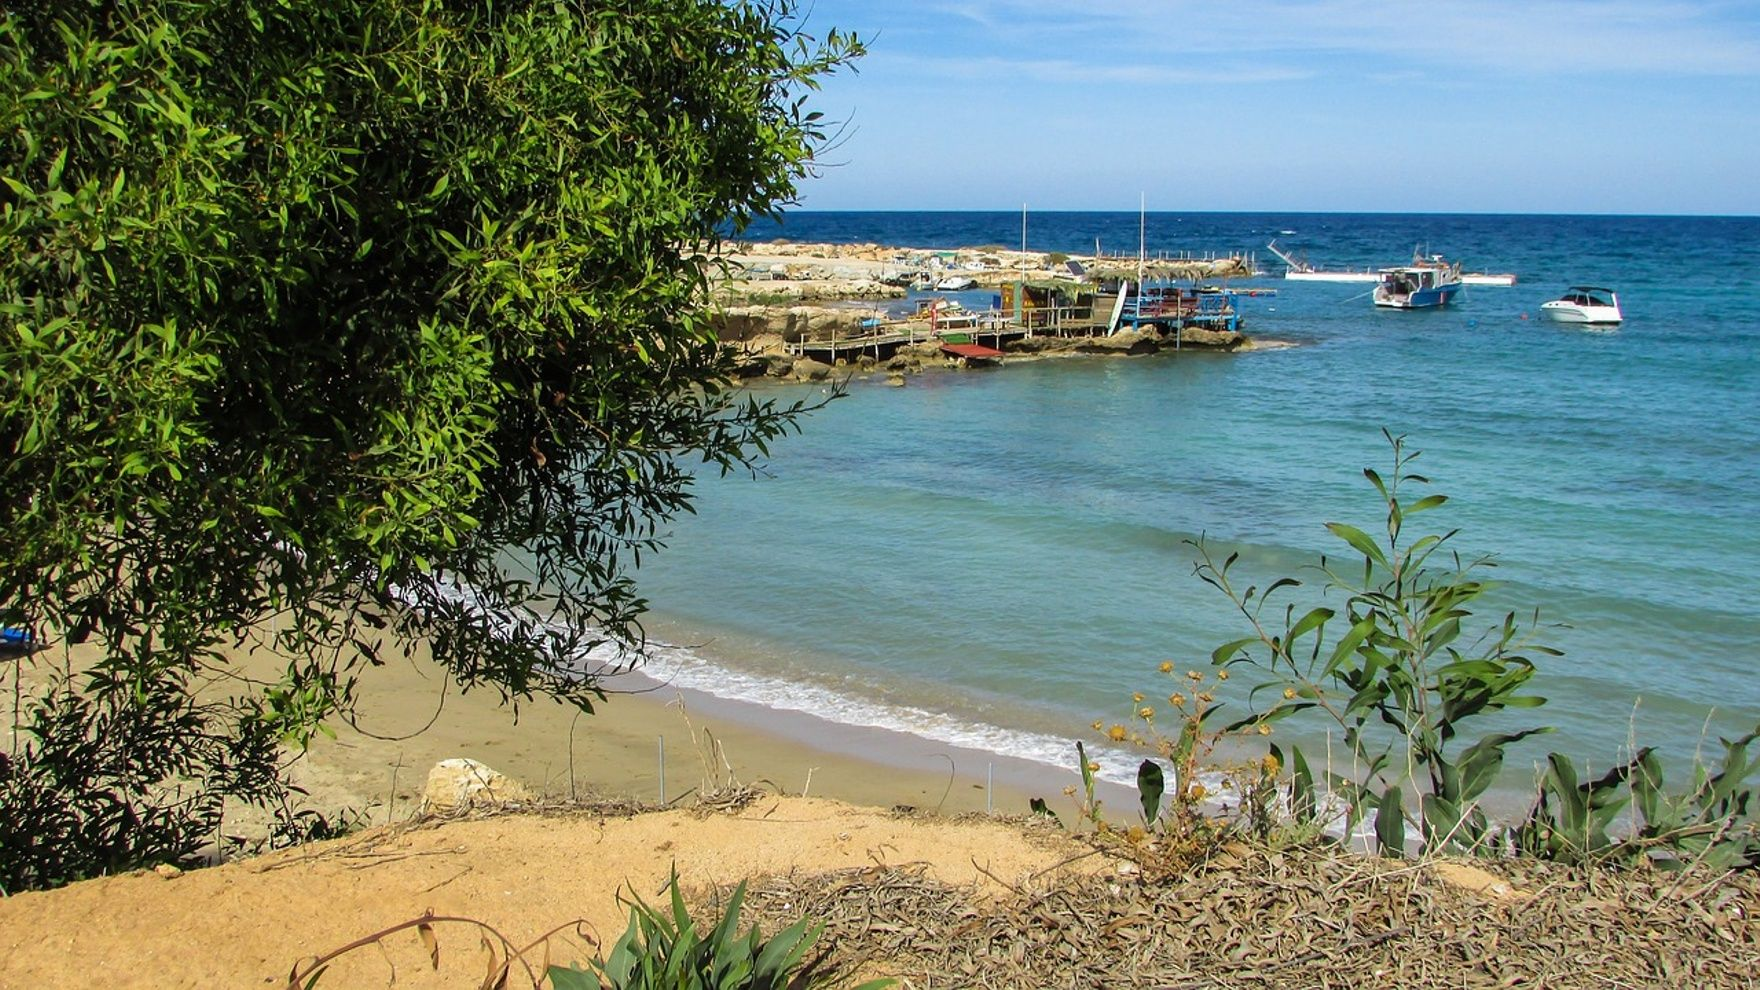 Cyprus mini cruise